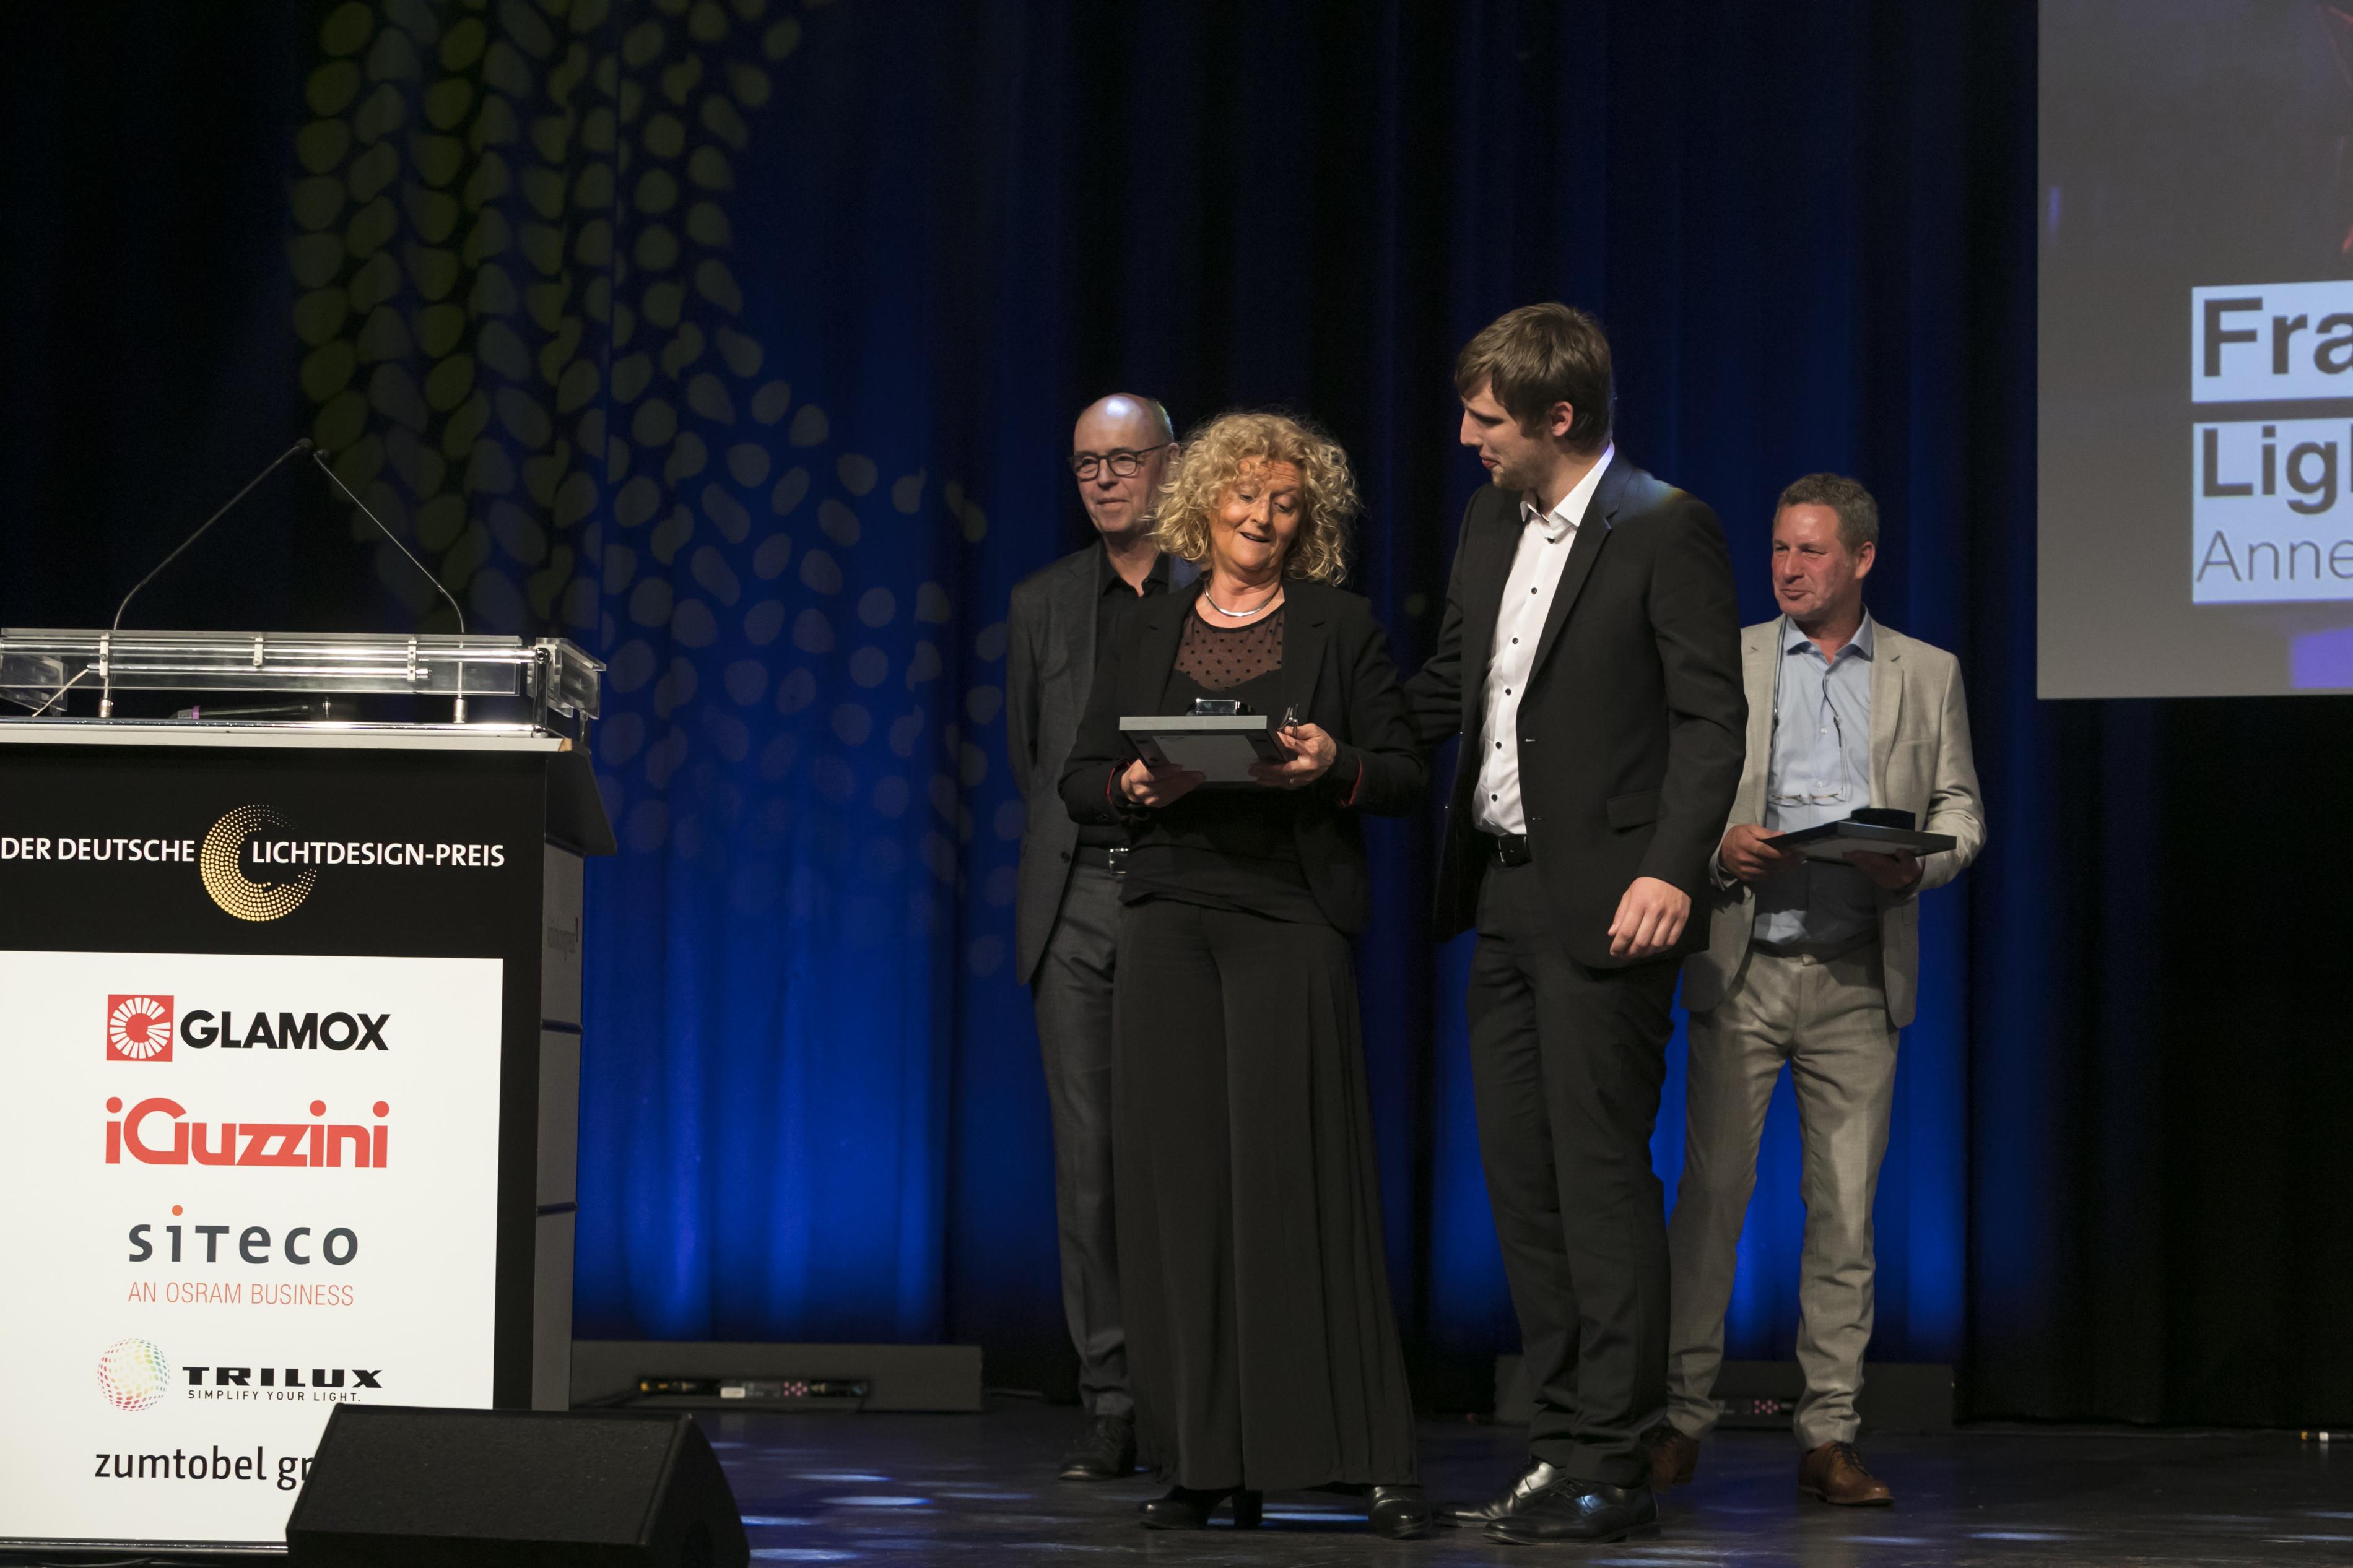 [:de]Laudator Prof. Dr.-Ing Paul W. Schmits mit Annette Sauermann, Lukas Gössling und Antonius Quodt bei der Preisverleihung des Deutschen Lichtdesign-Preises 2018[:]